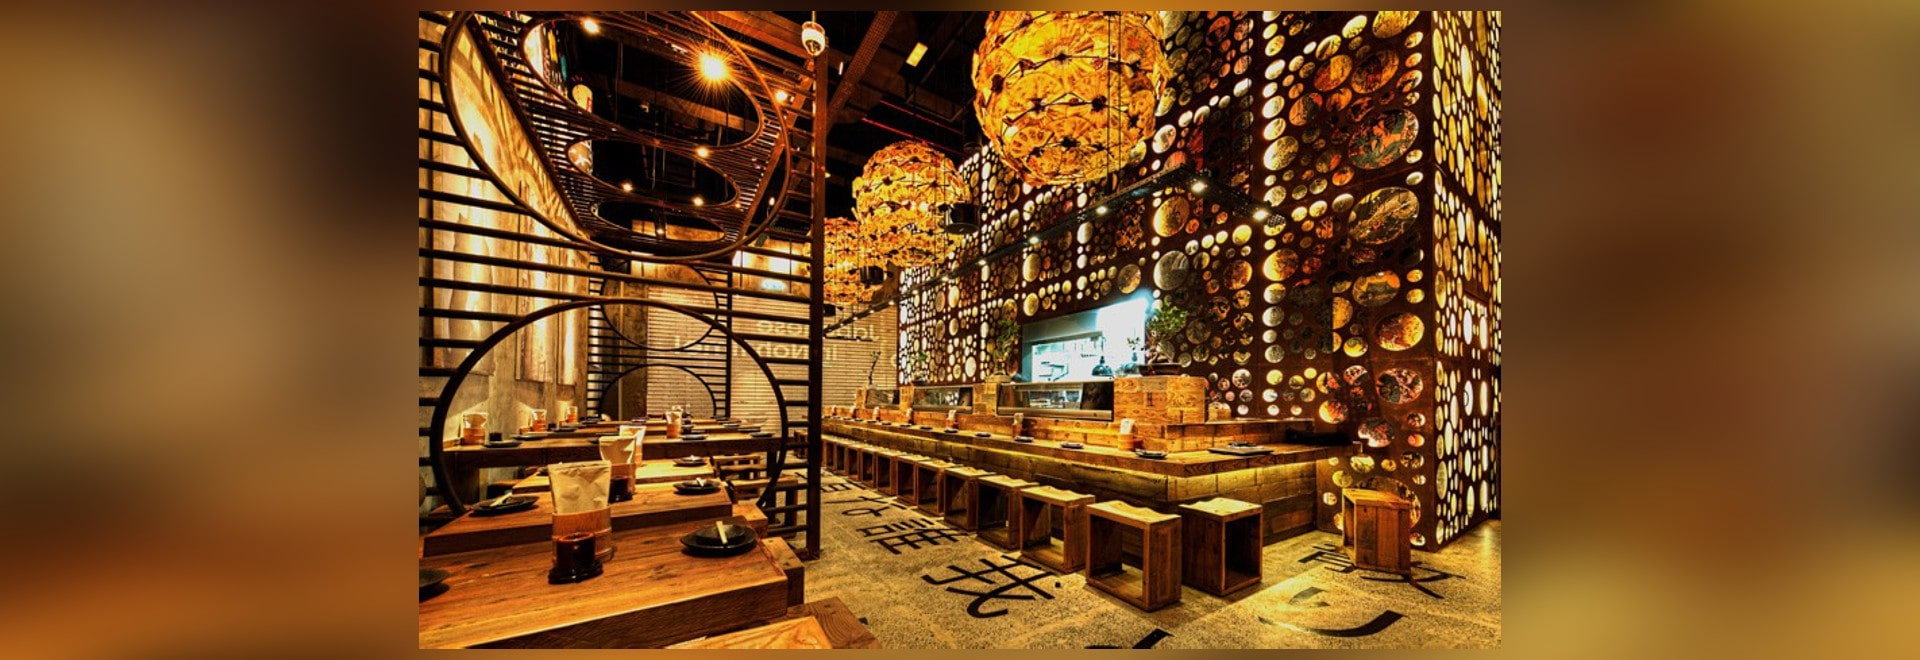 El diseño de Mojo termina el restaurante japonés de Atisuto